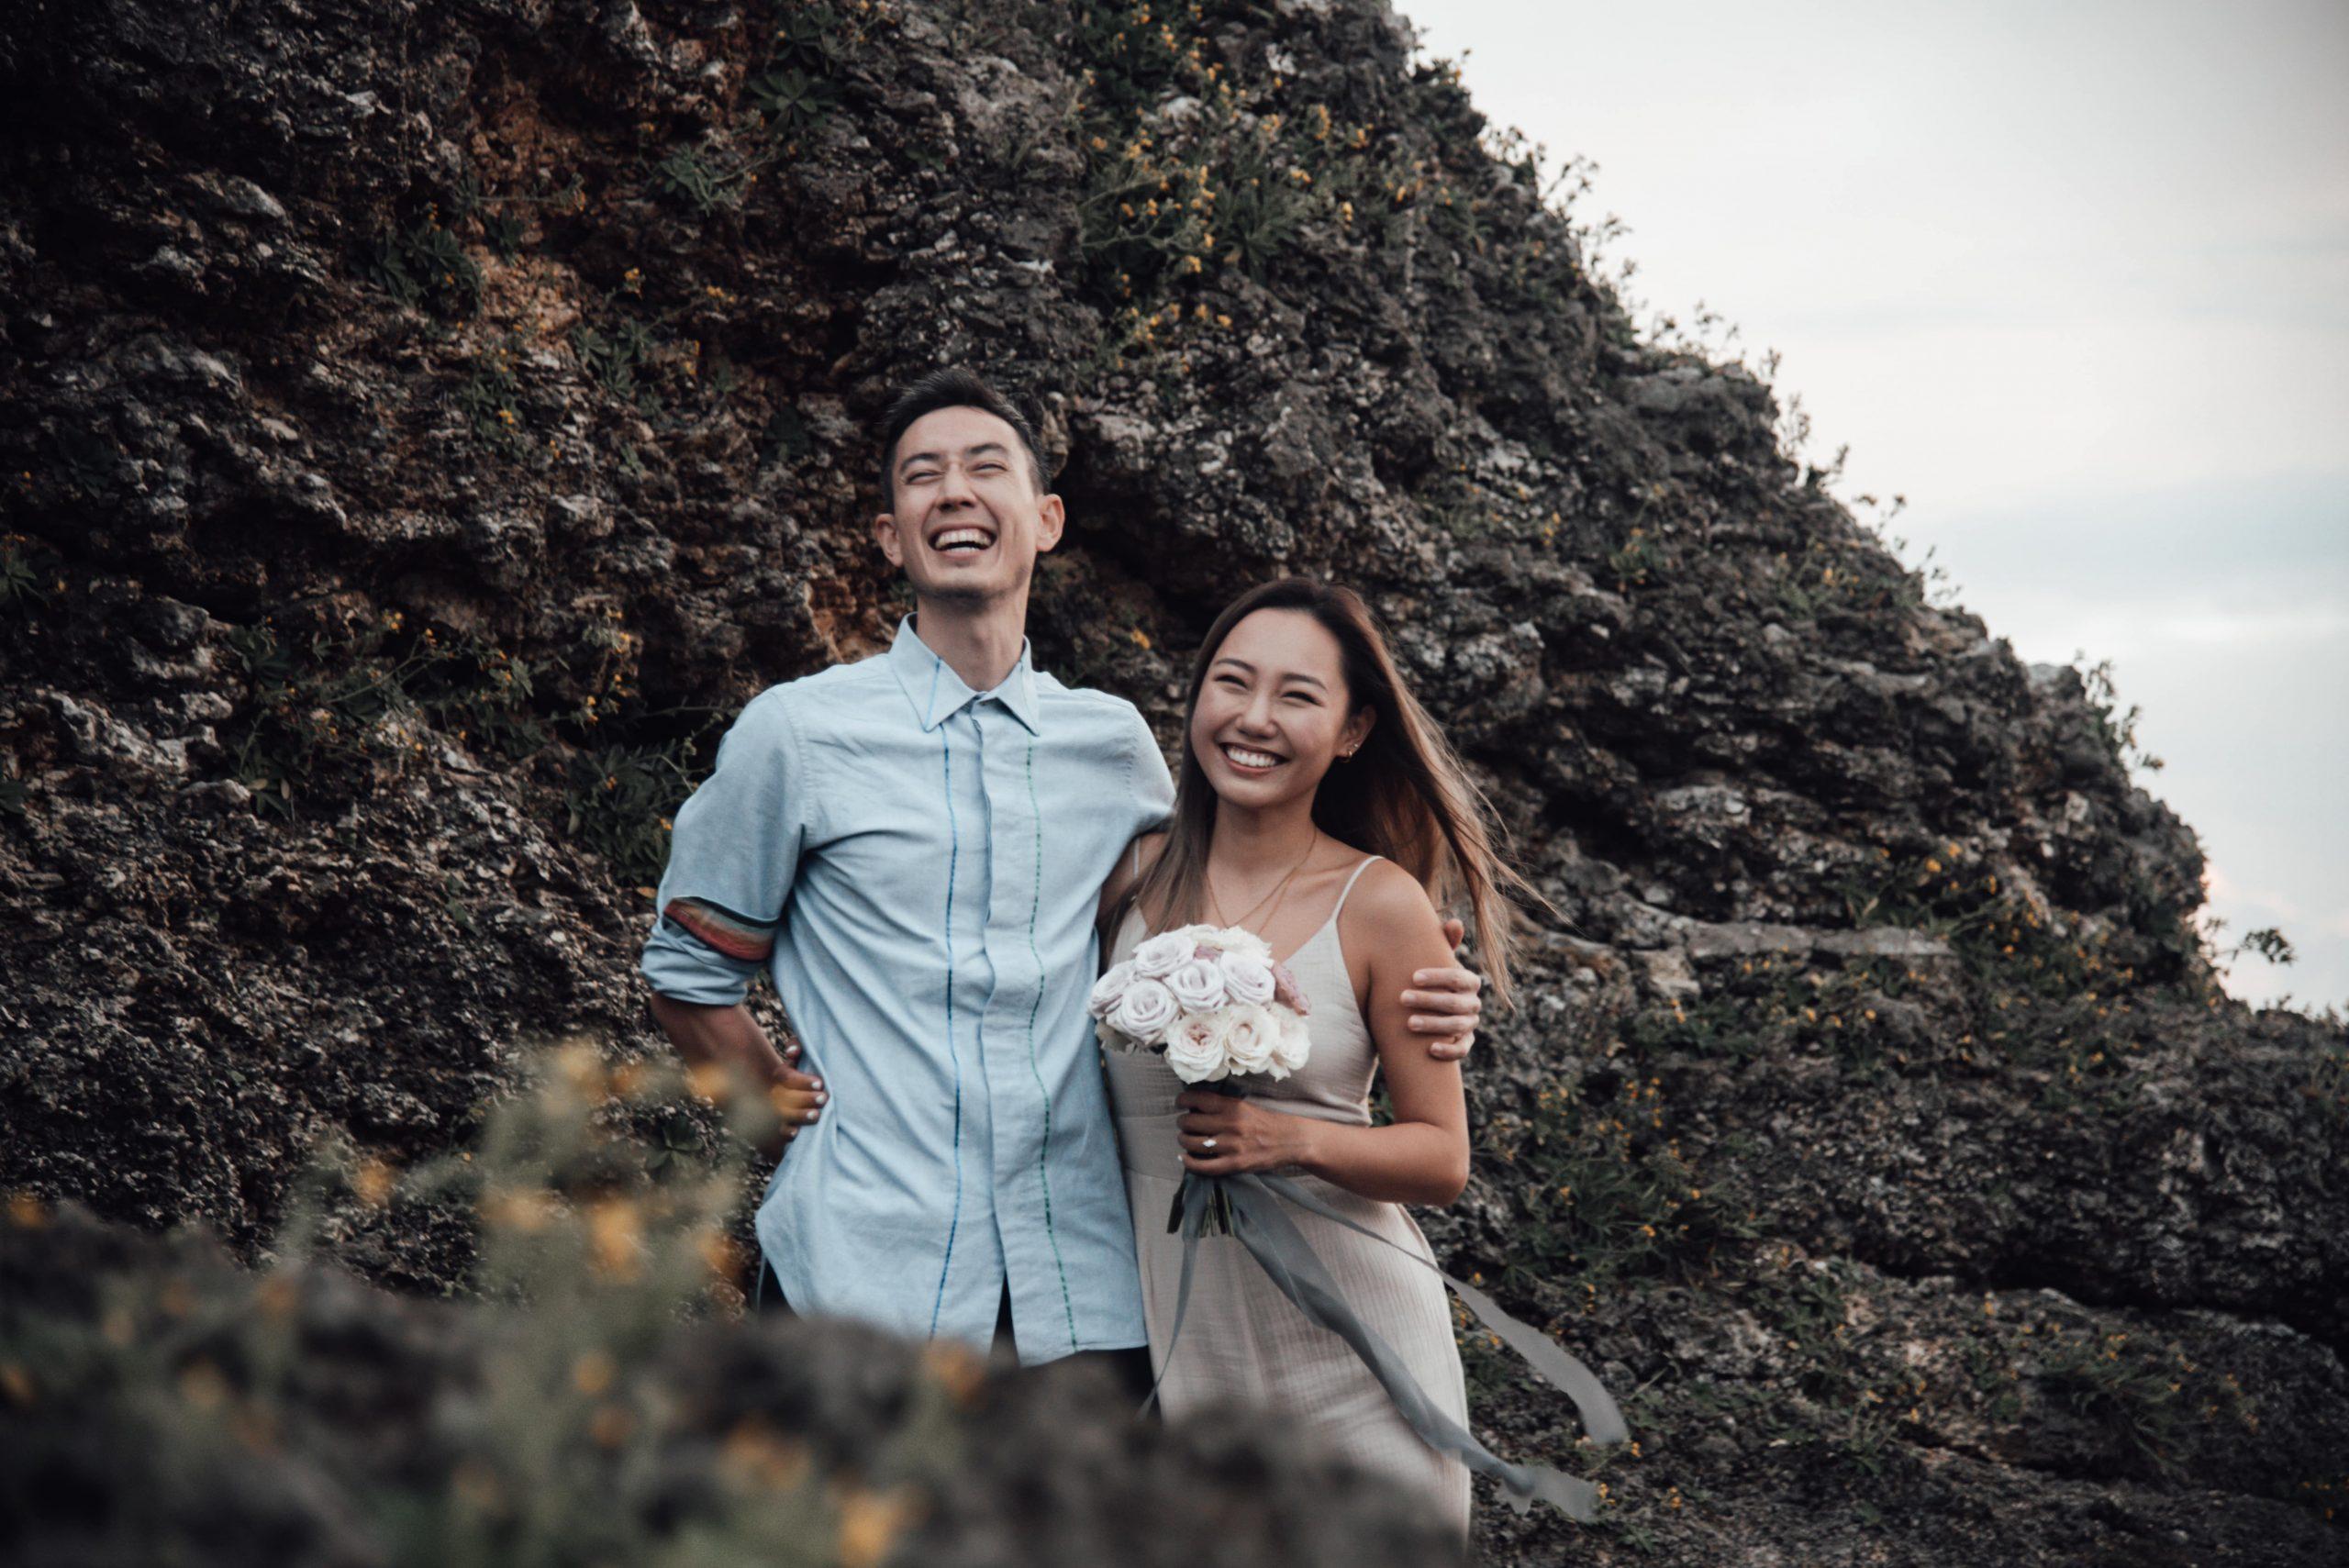 沖縄のビーチでプロポーズ成功したカップル